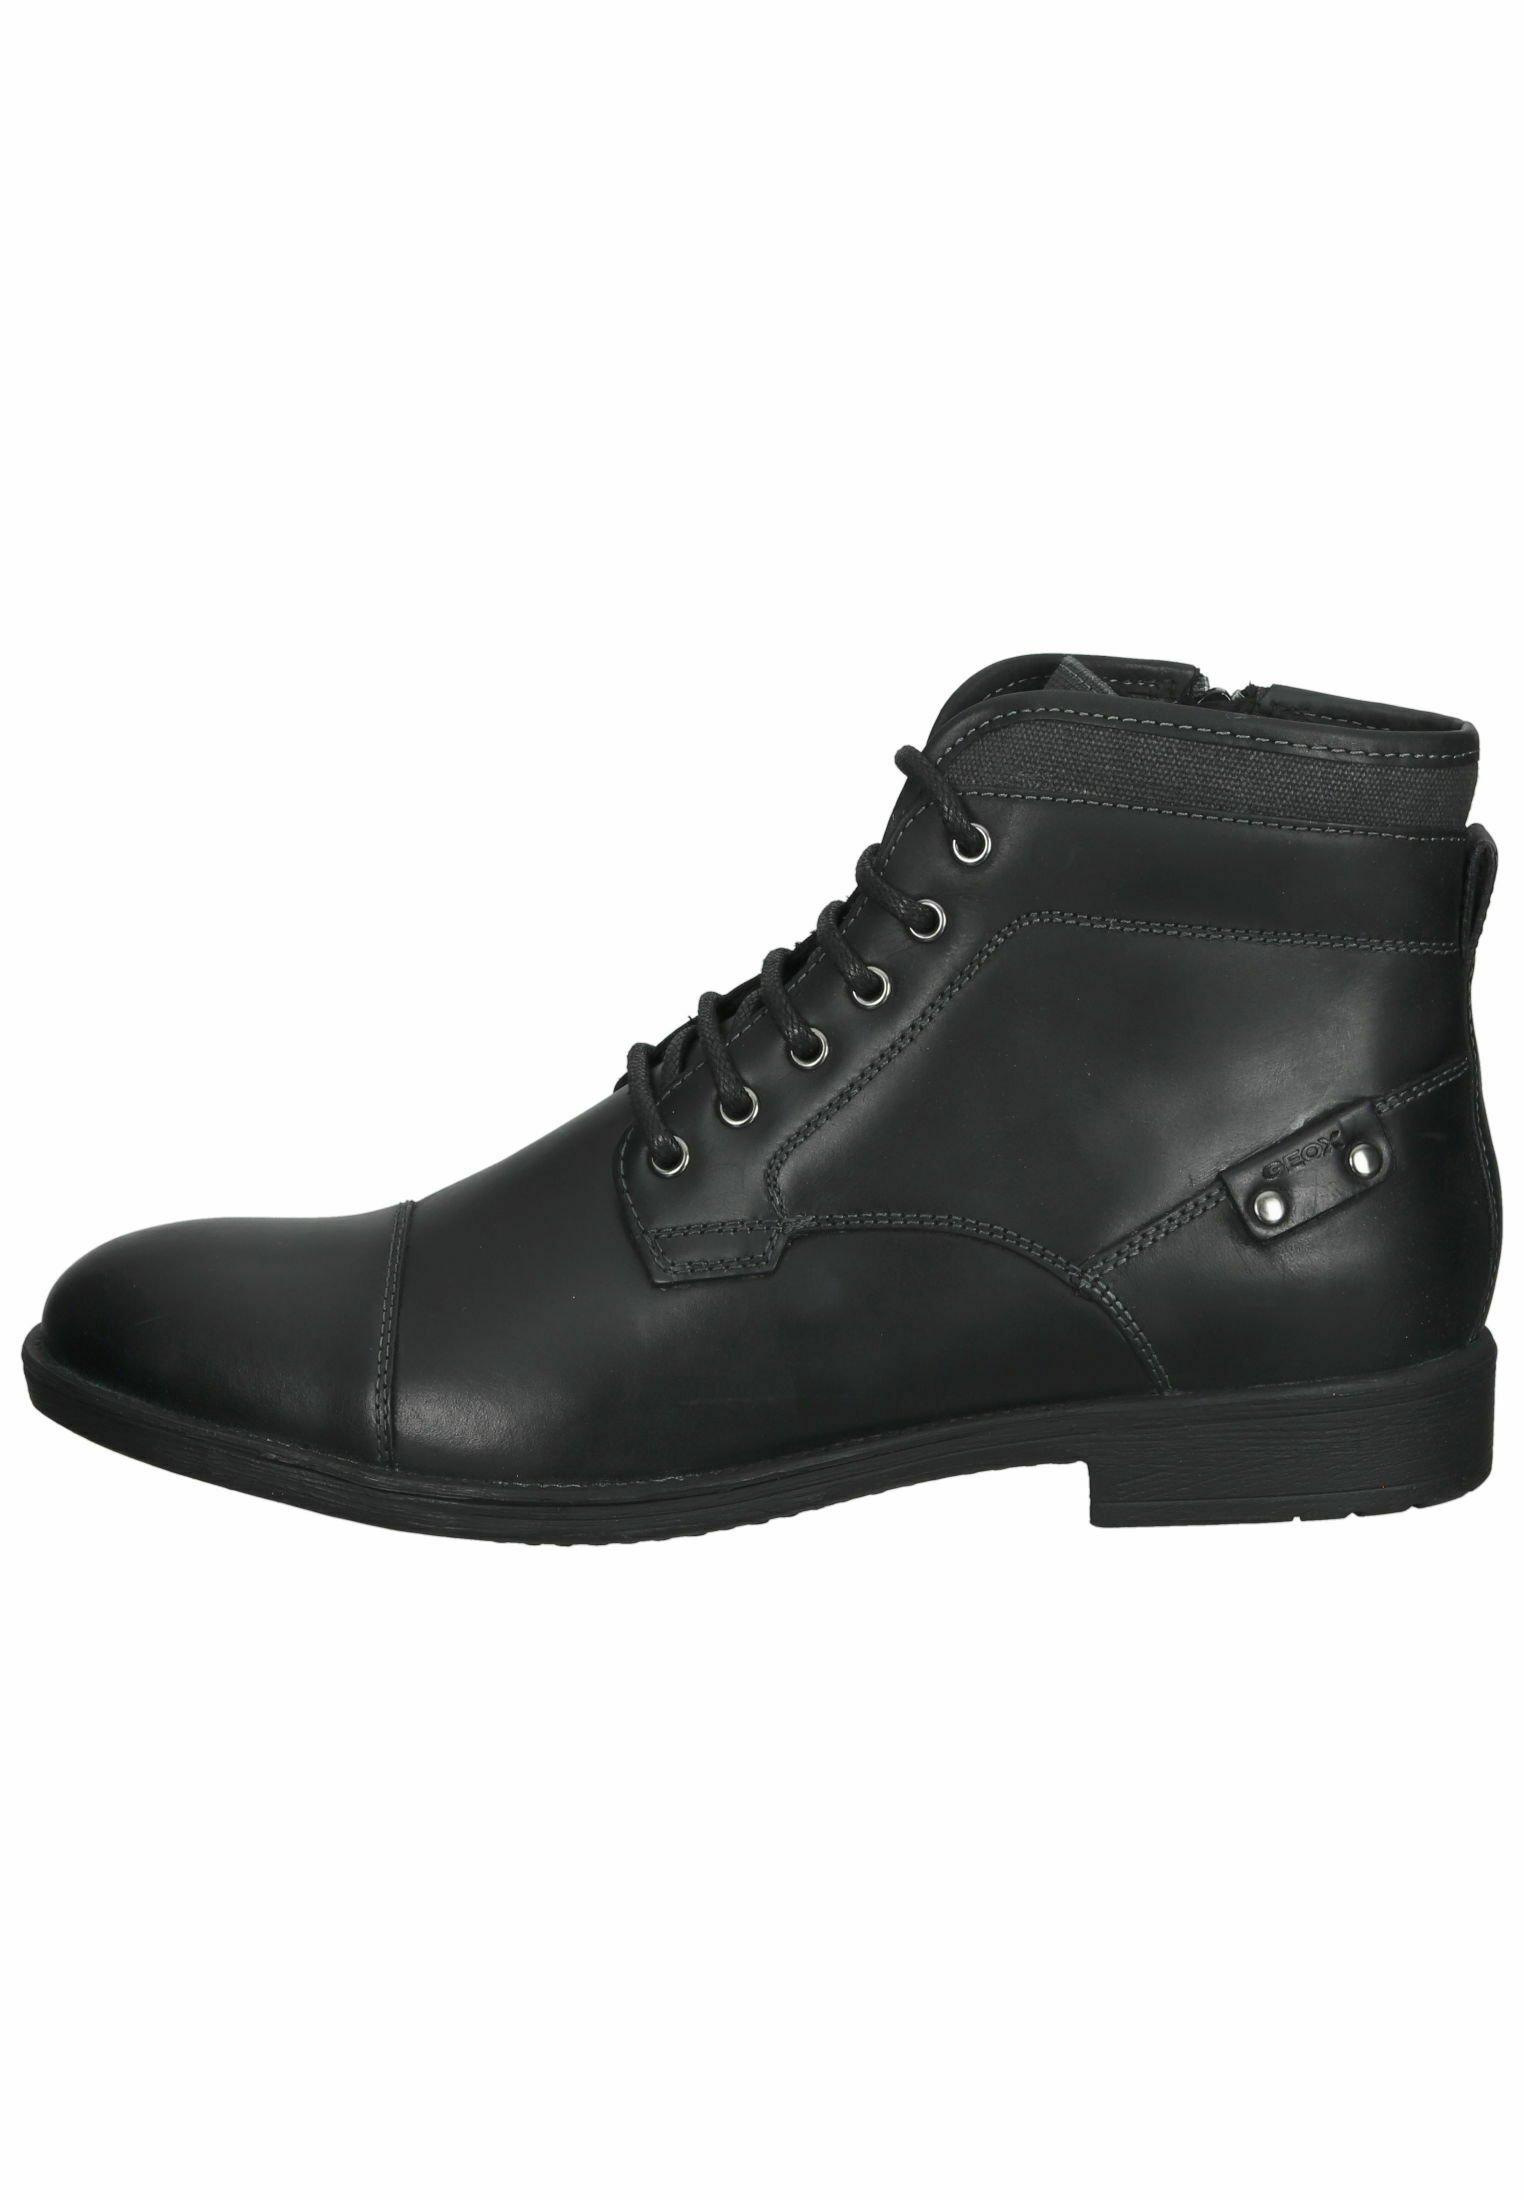 Herren Schnürstiefelette - schwarz